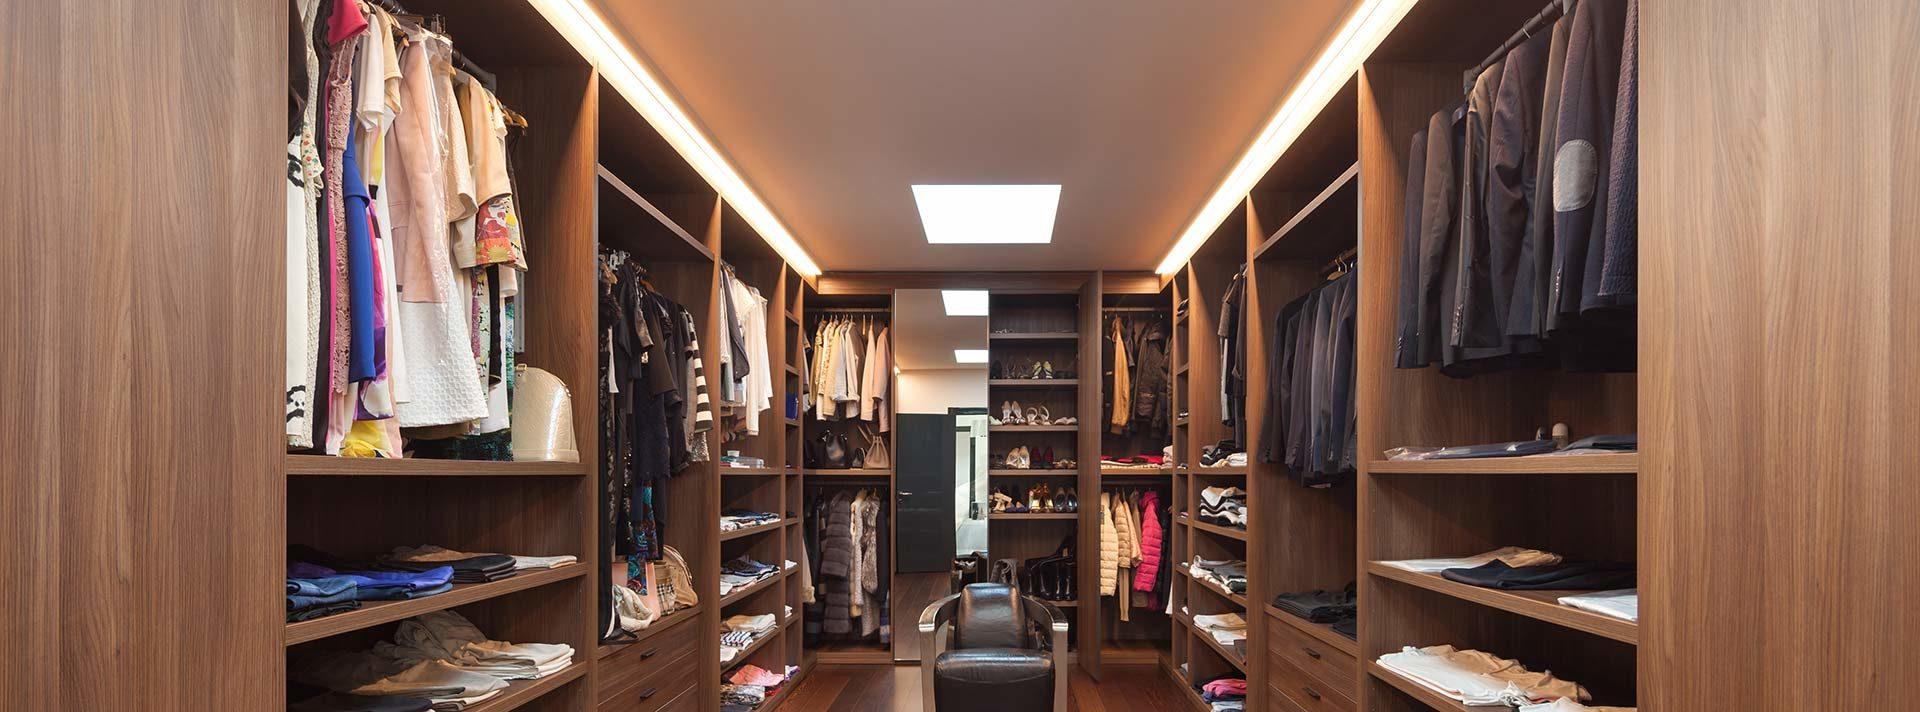 Begehbarer Kleiderschrank - Zuhause bei SAM®